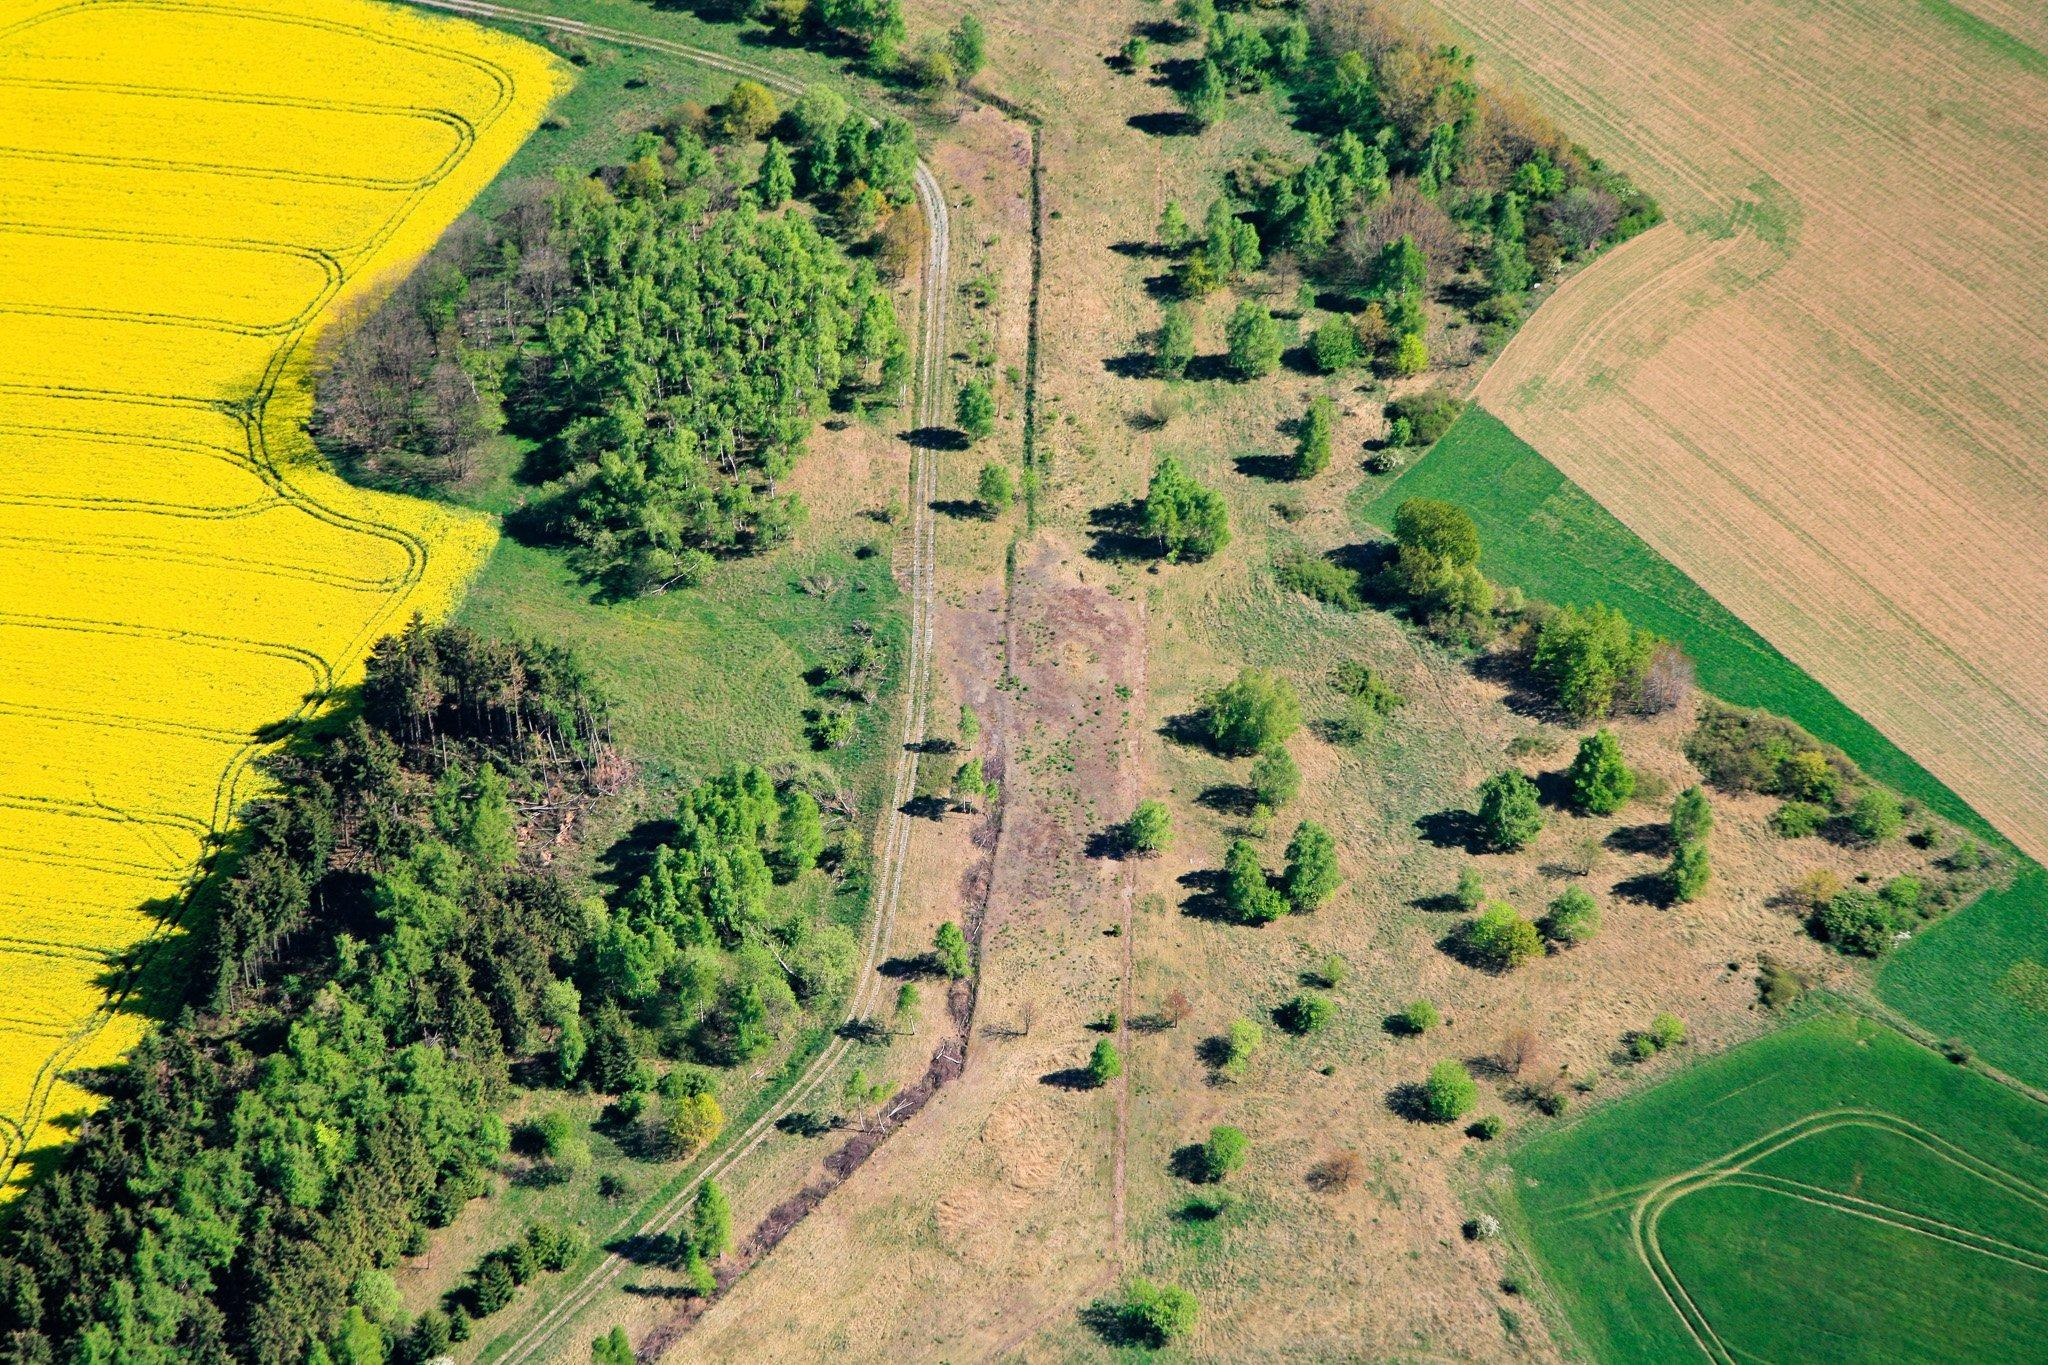 Offene Flächen zwischen einem leuchtend gelben Rapsfeld und einem Acker, auf dem erste grüne Pflänzchen sprießen. Das Grüne Band im Frühling aus der Luft